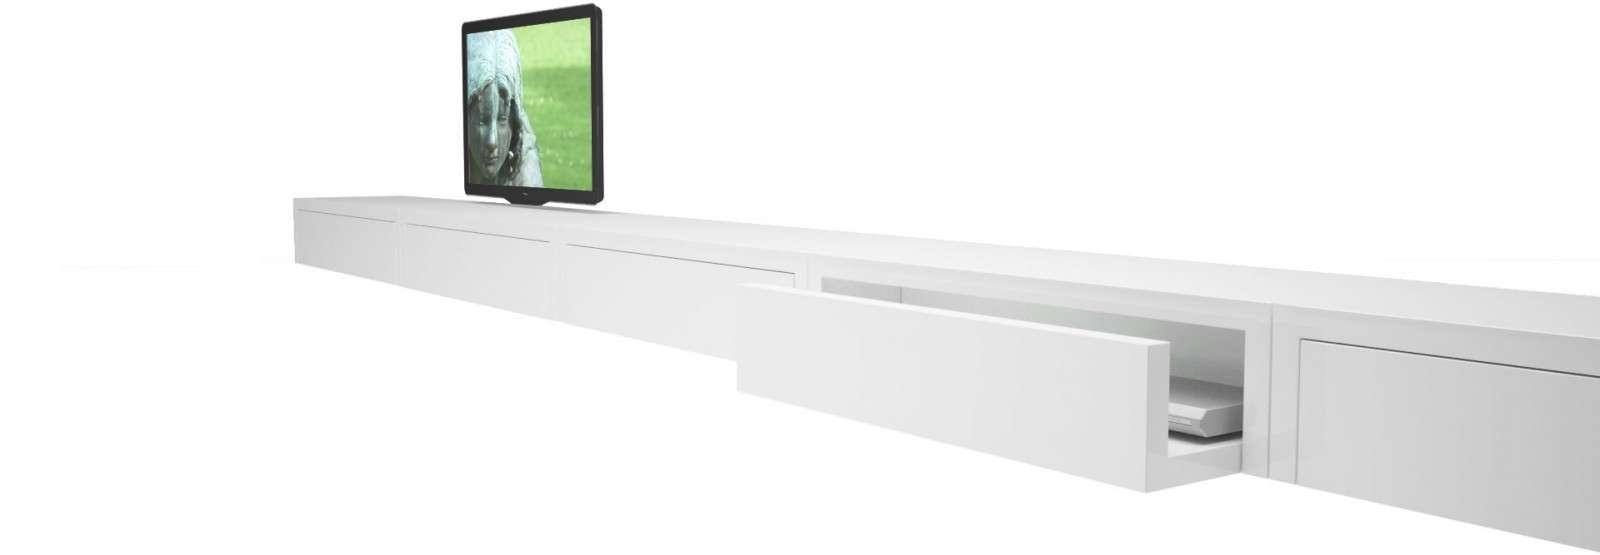 Sideboard Flach – Bestseller Shop Für Möbel Und Einrichtungen Throughout Zum Aufhängen Sideboards (View 12 of 20)